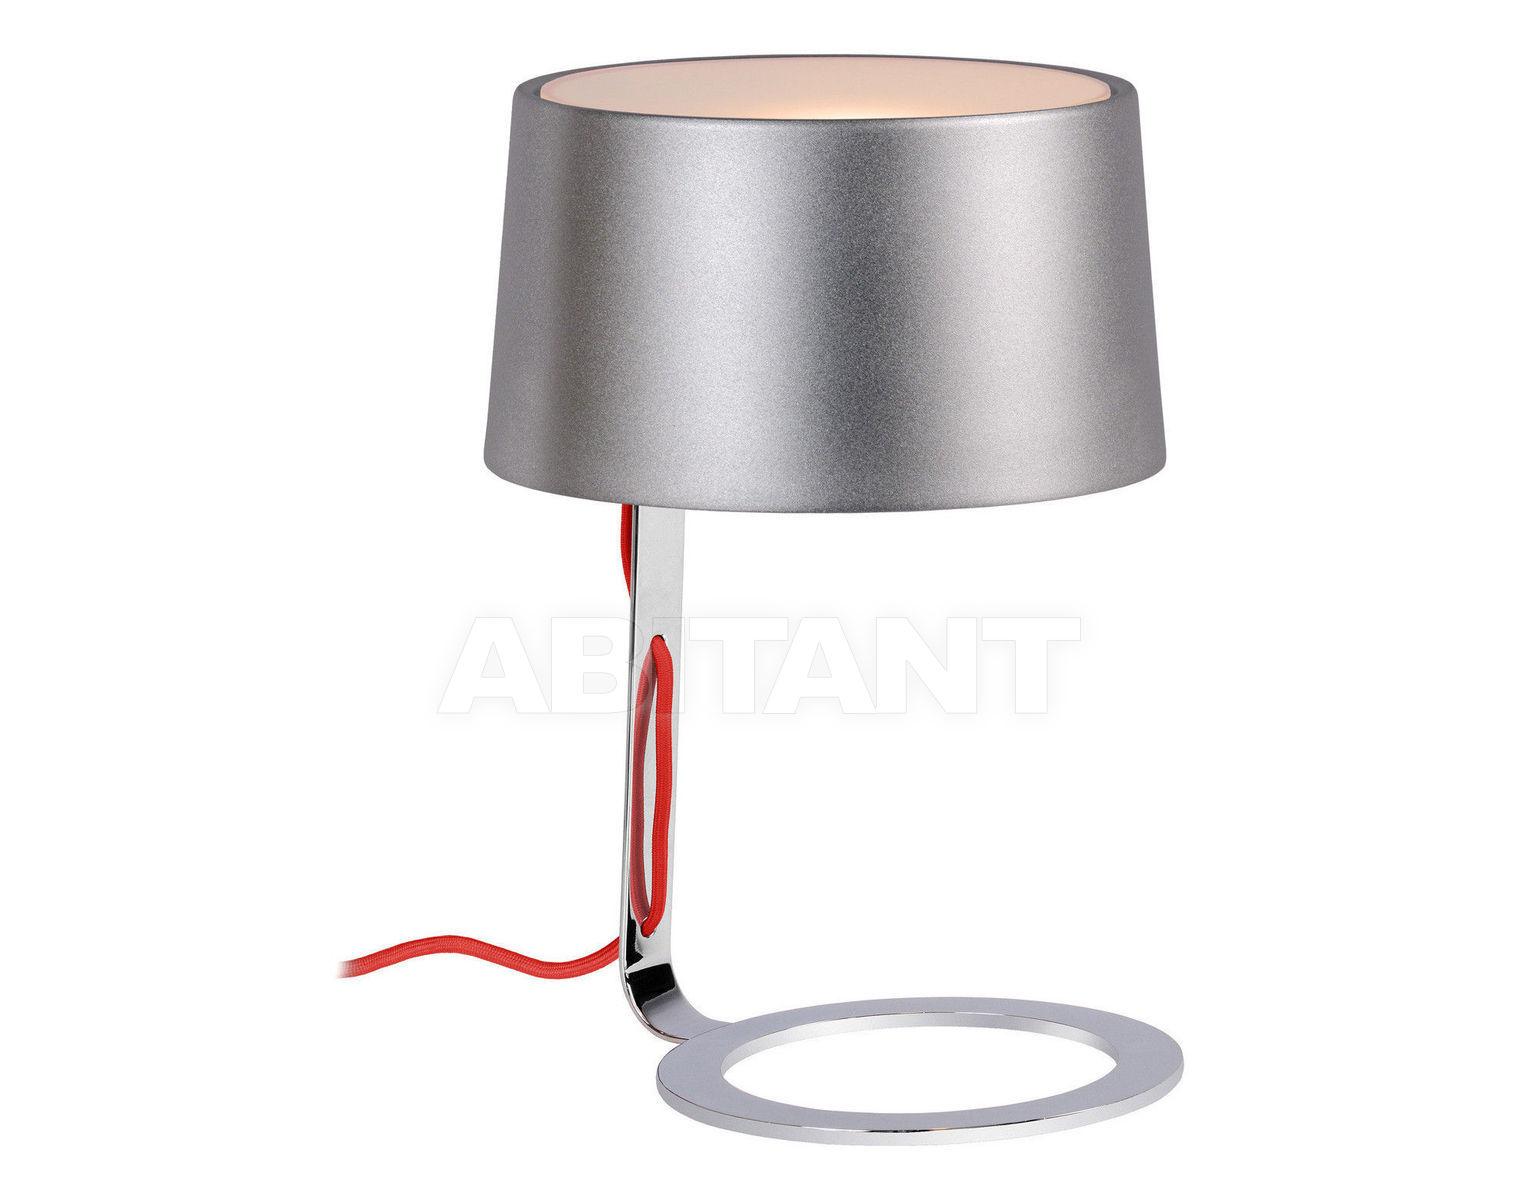 Купить Лампа настольная AIKO Lucide  Floor & Table Lamps 70568/33/36